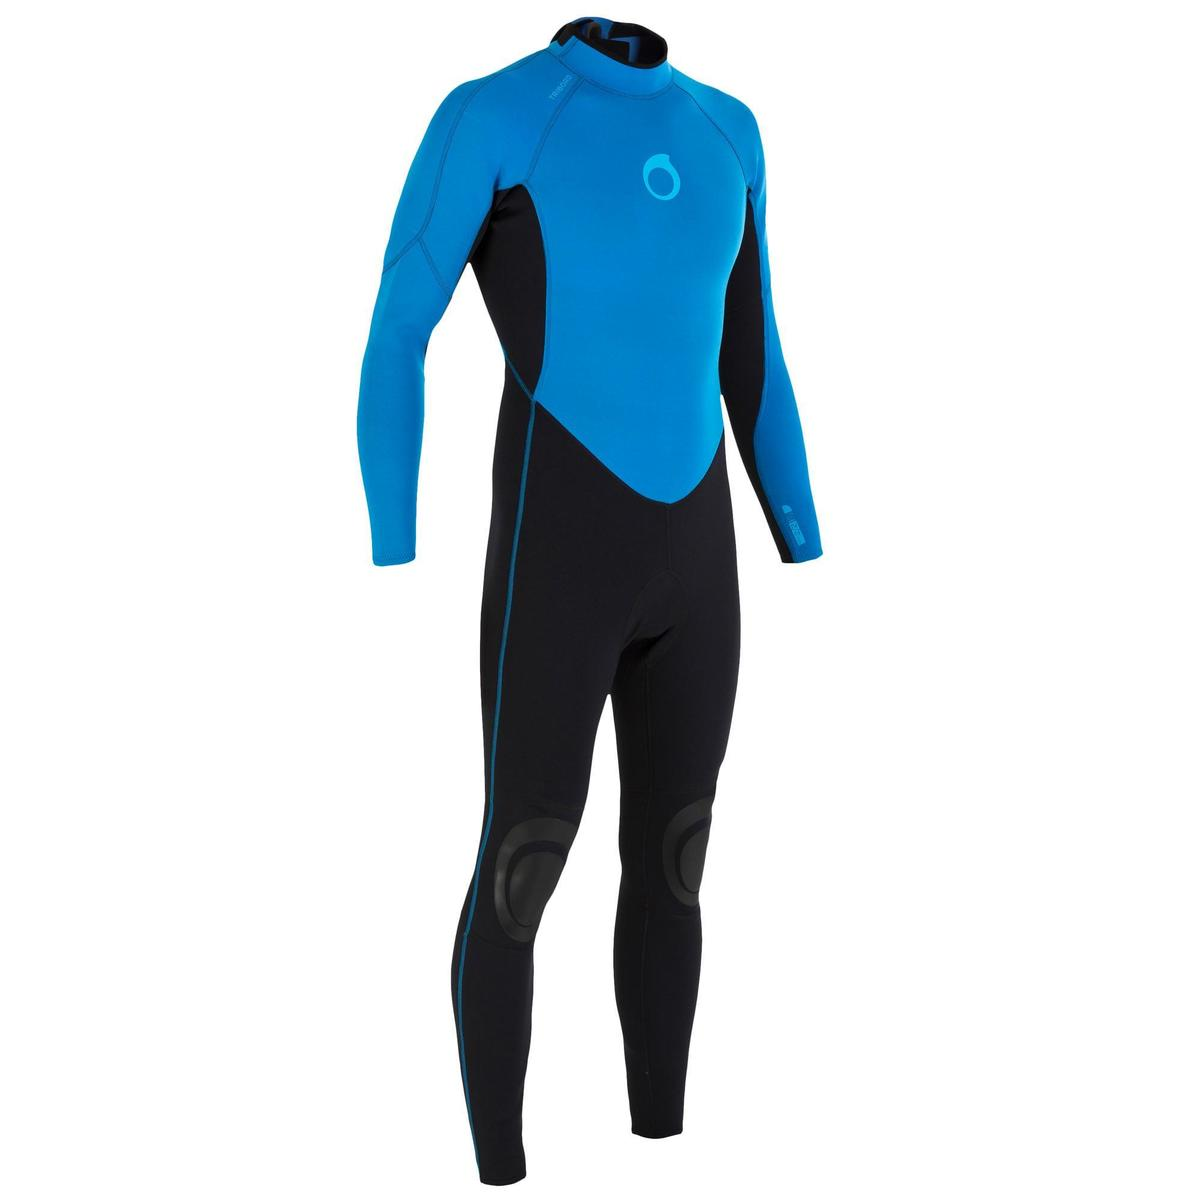 Bild 1 von Neoprenanzug Surfen 100 2/2 mm Herren blau